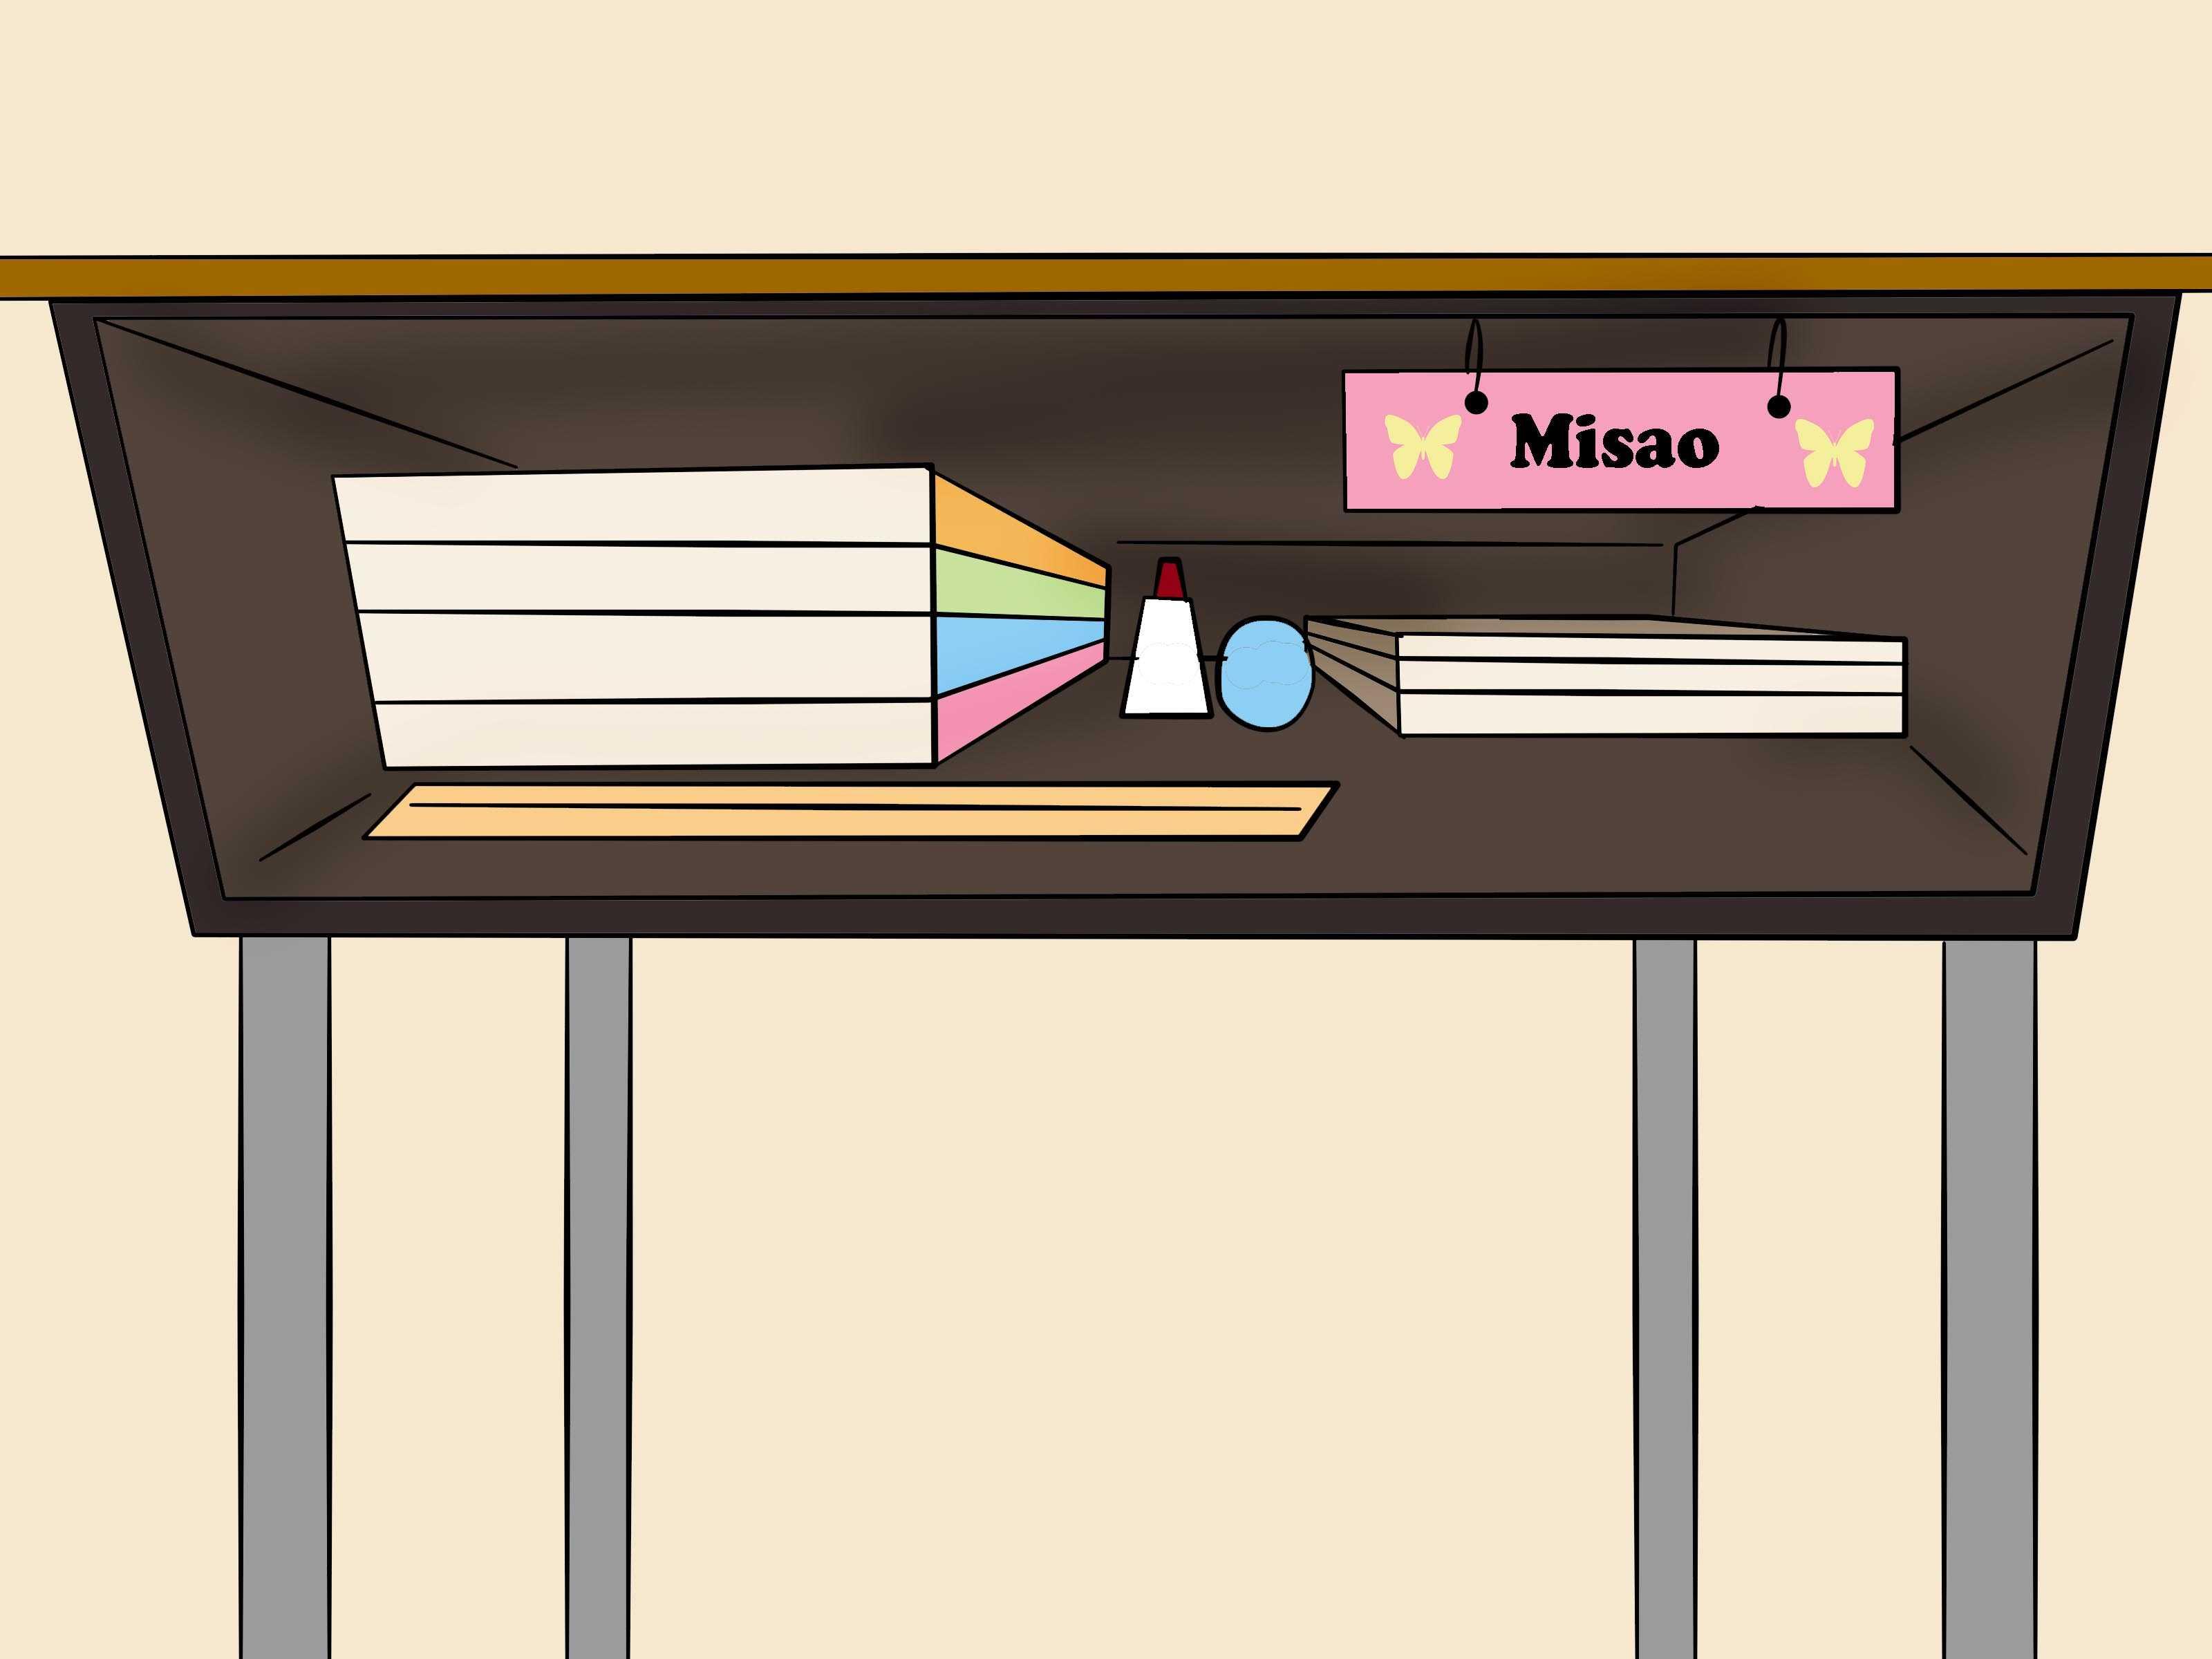 Organize neat desk clipartuse. Organized clipart